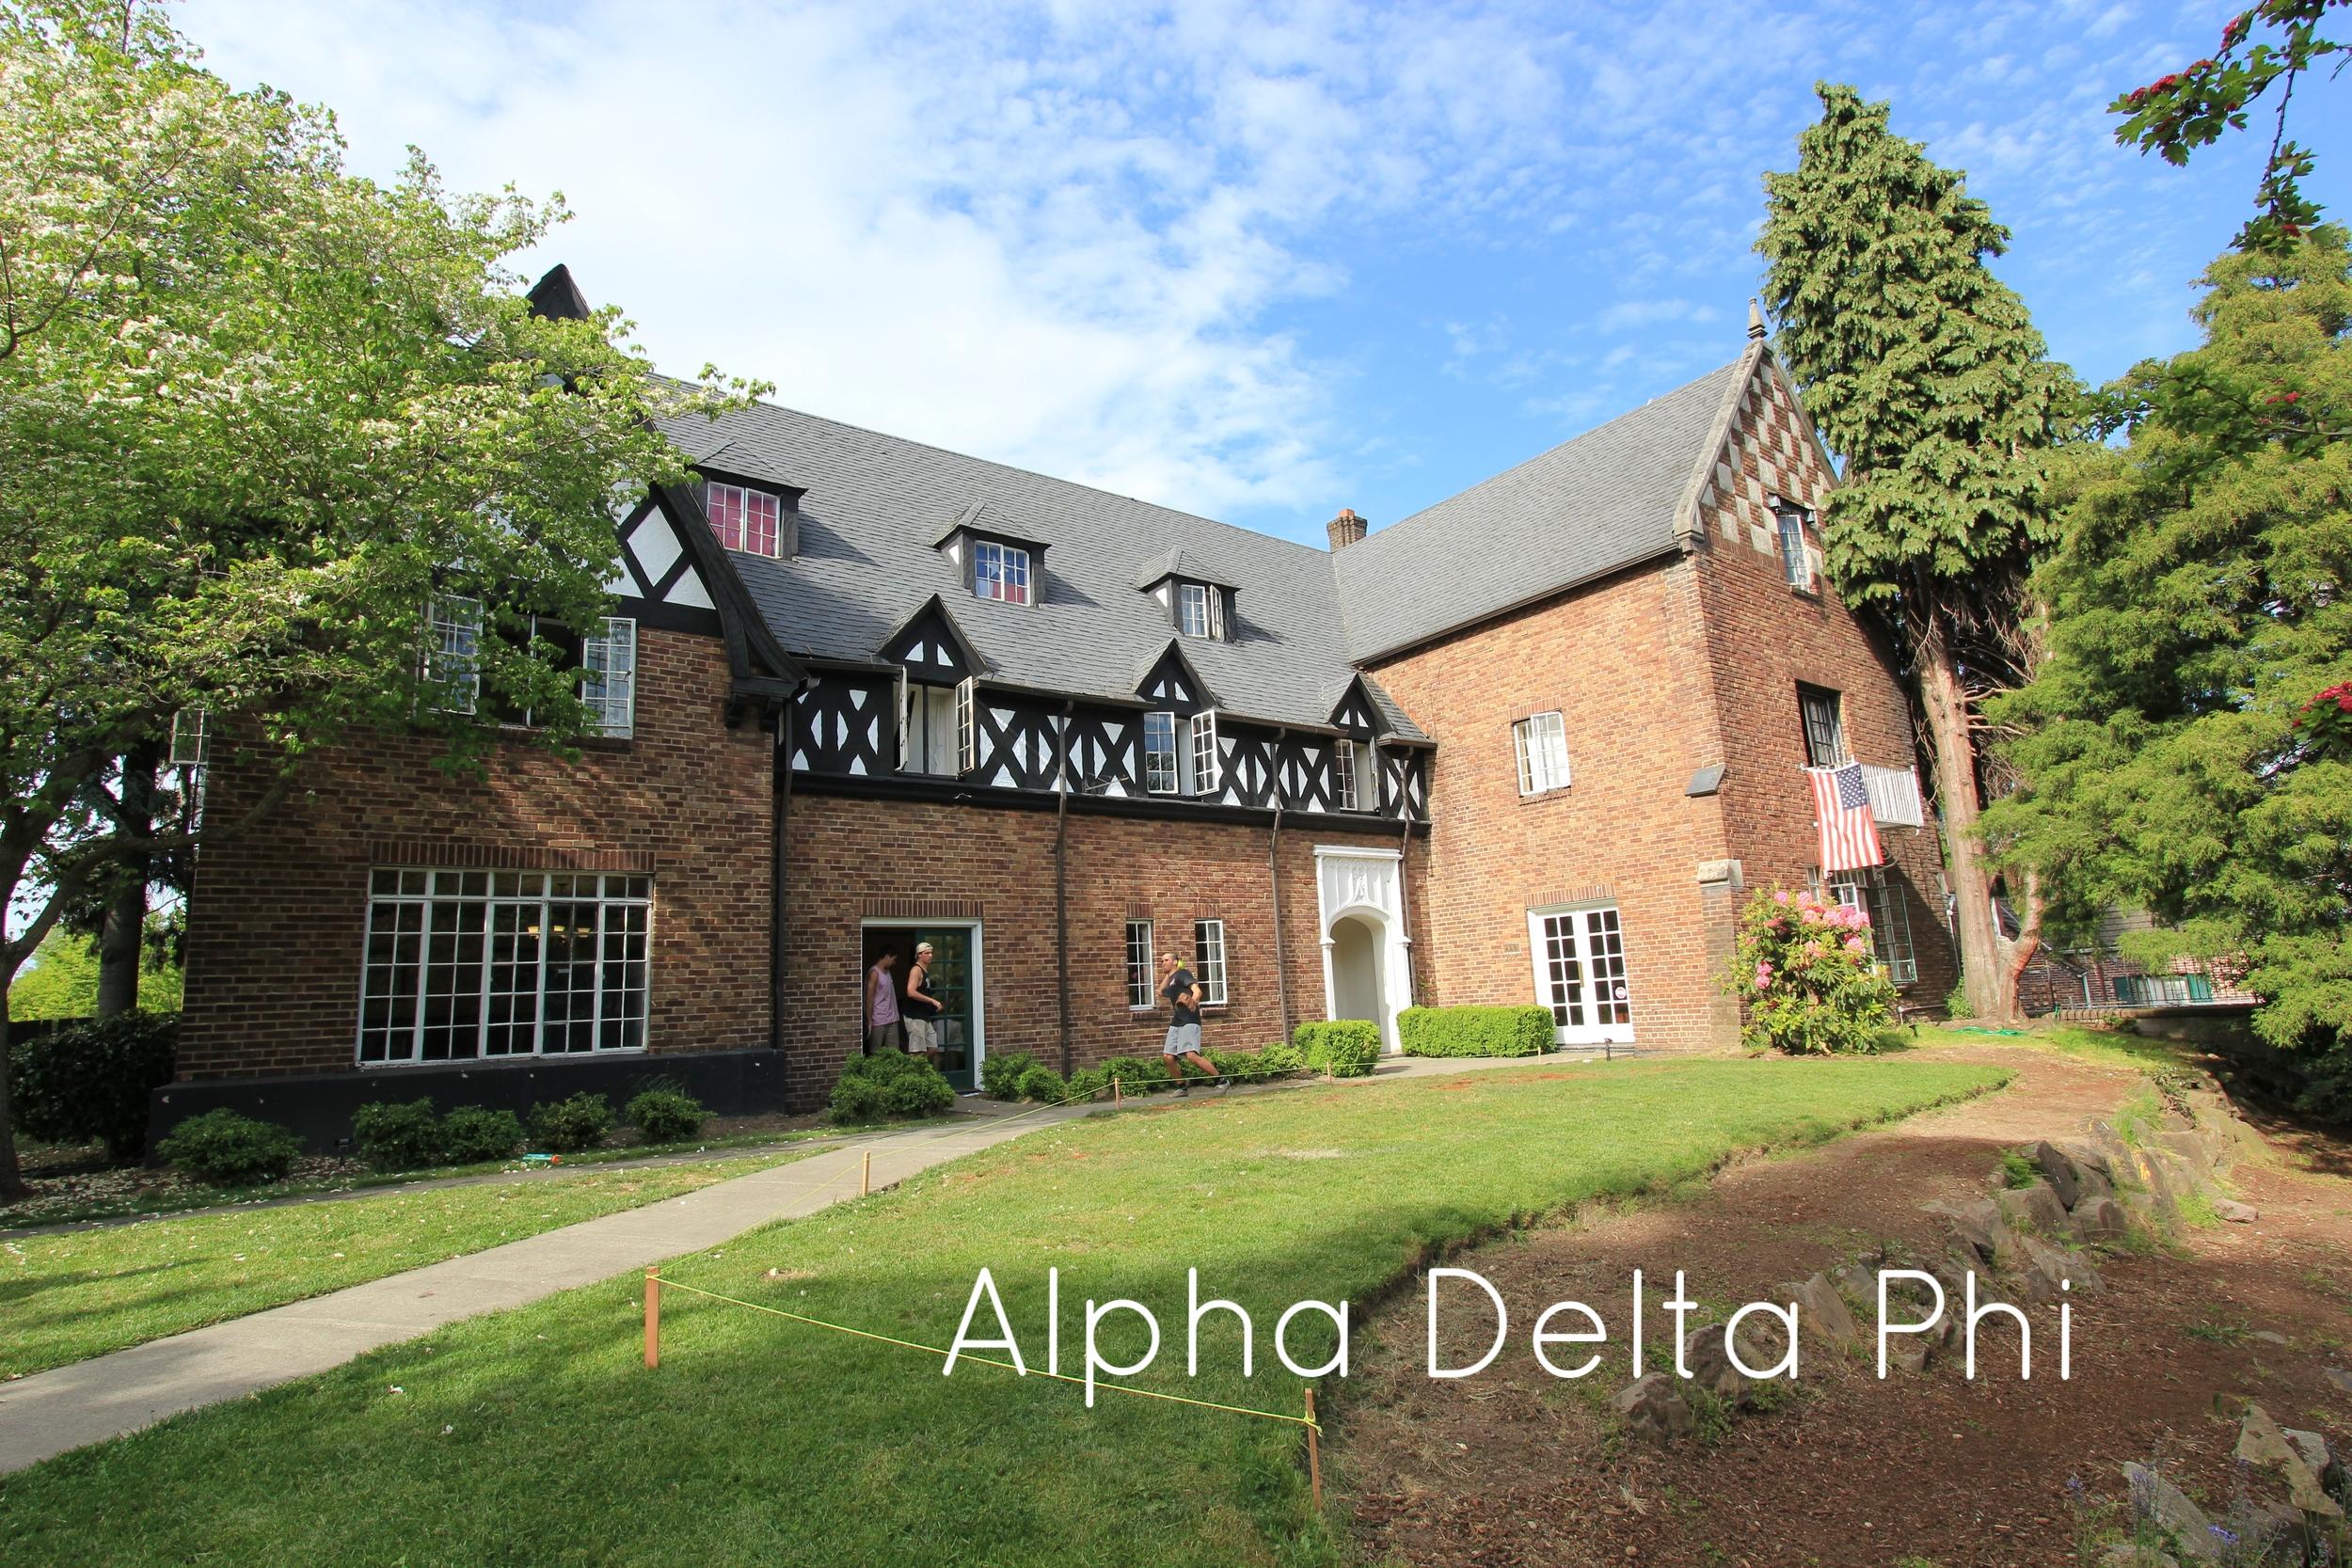 Alpha Delta Phi